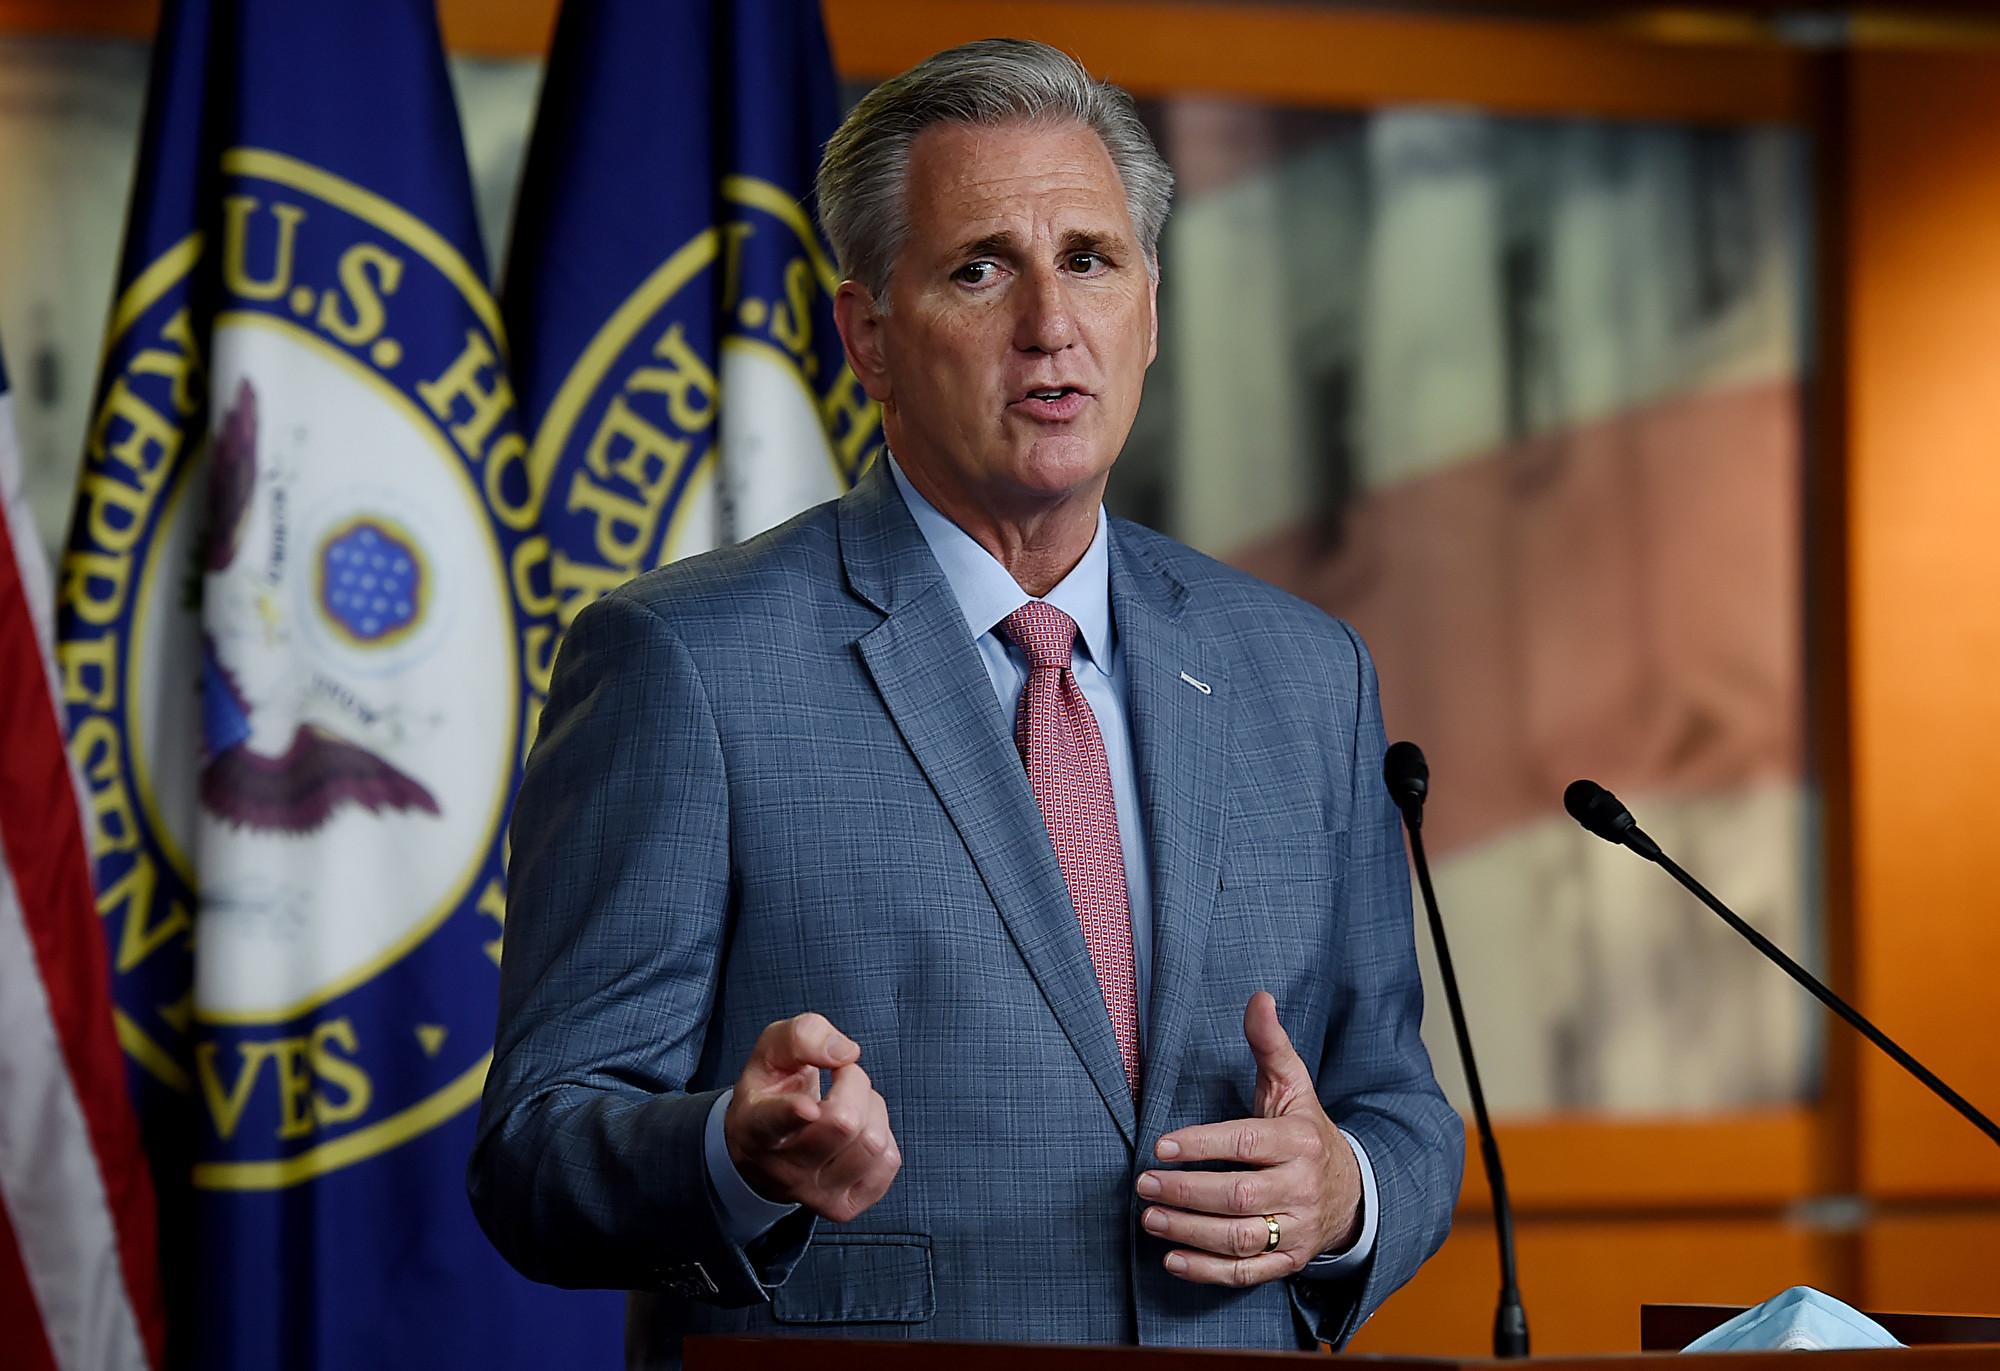 2020年5月15日,華盛頓特區美國國會大廈。眾議院少數黨領袖、加州共和黨議員凱文·麥卡錫(Kevin McCarthy)在新聞發佈會上發表講話。(Olivier DOULIERY/AFP)